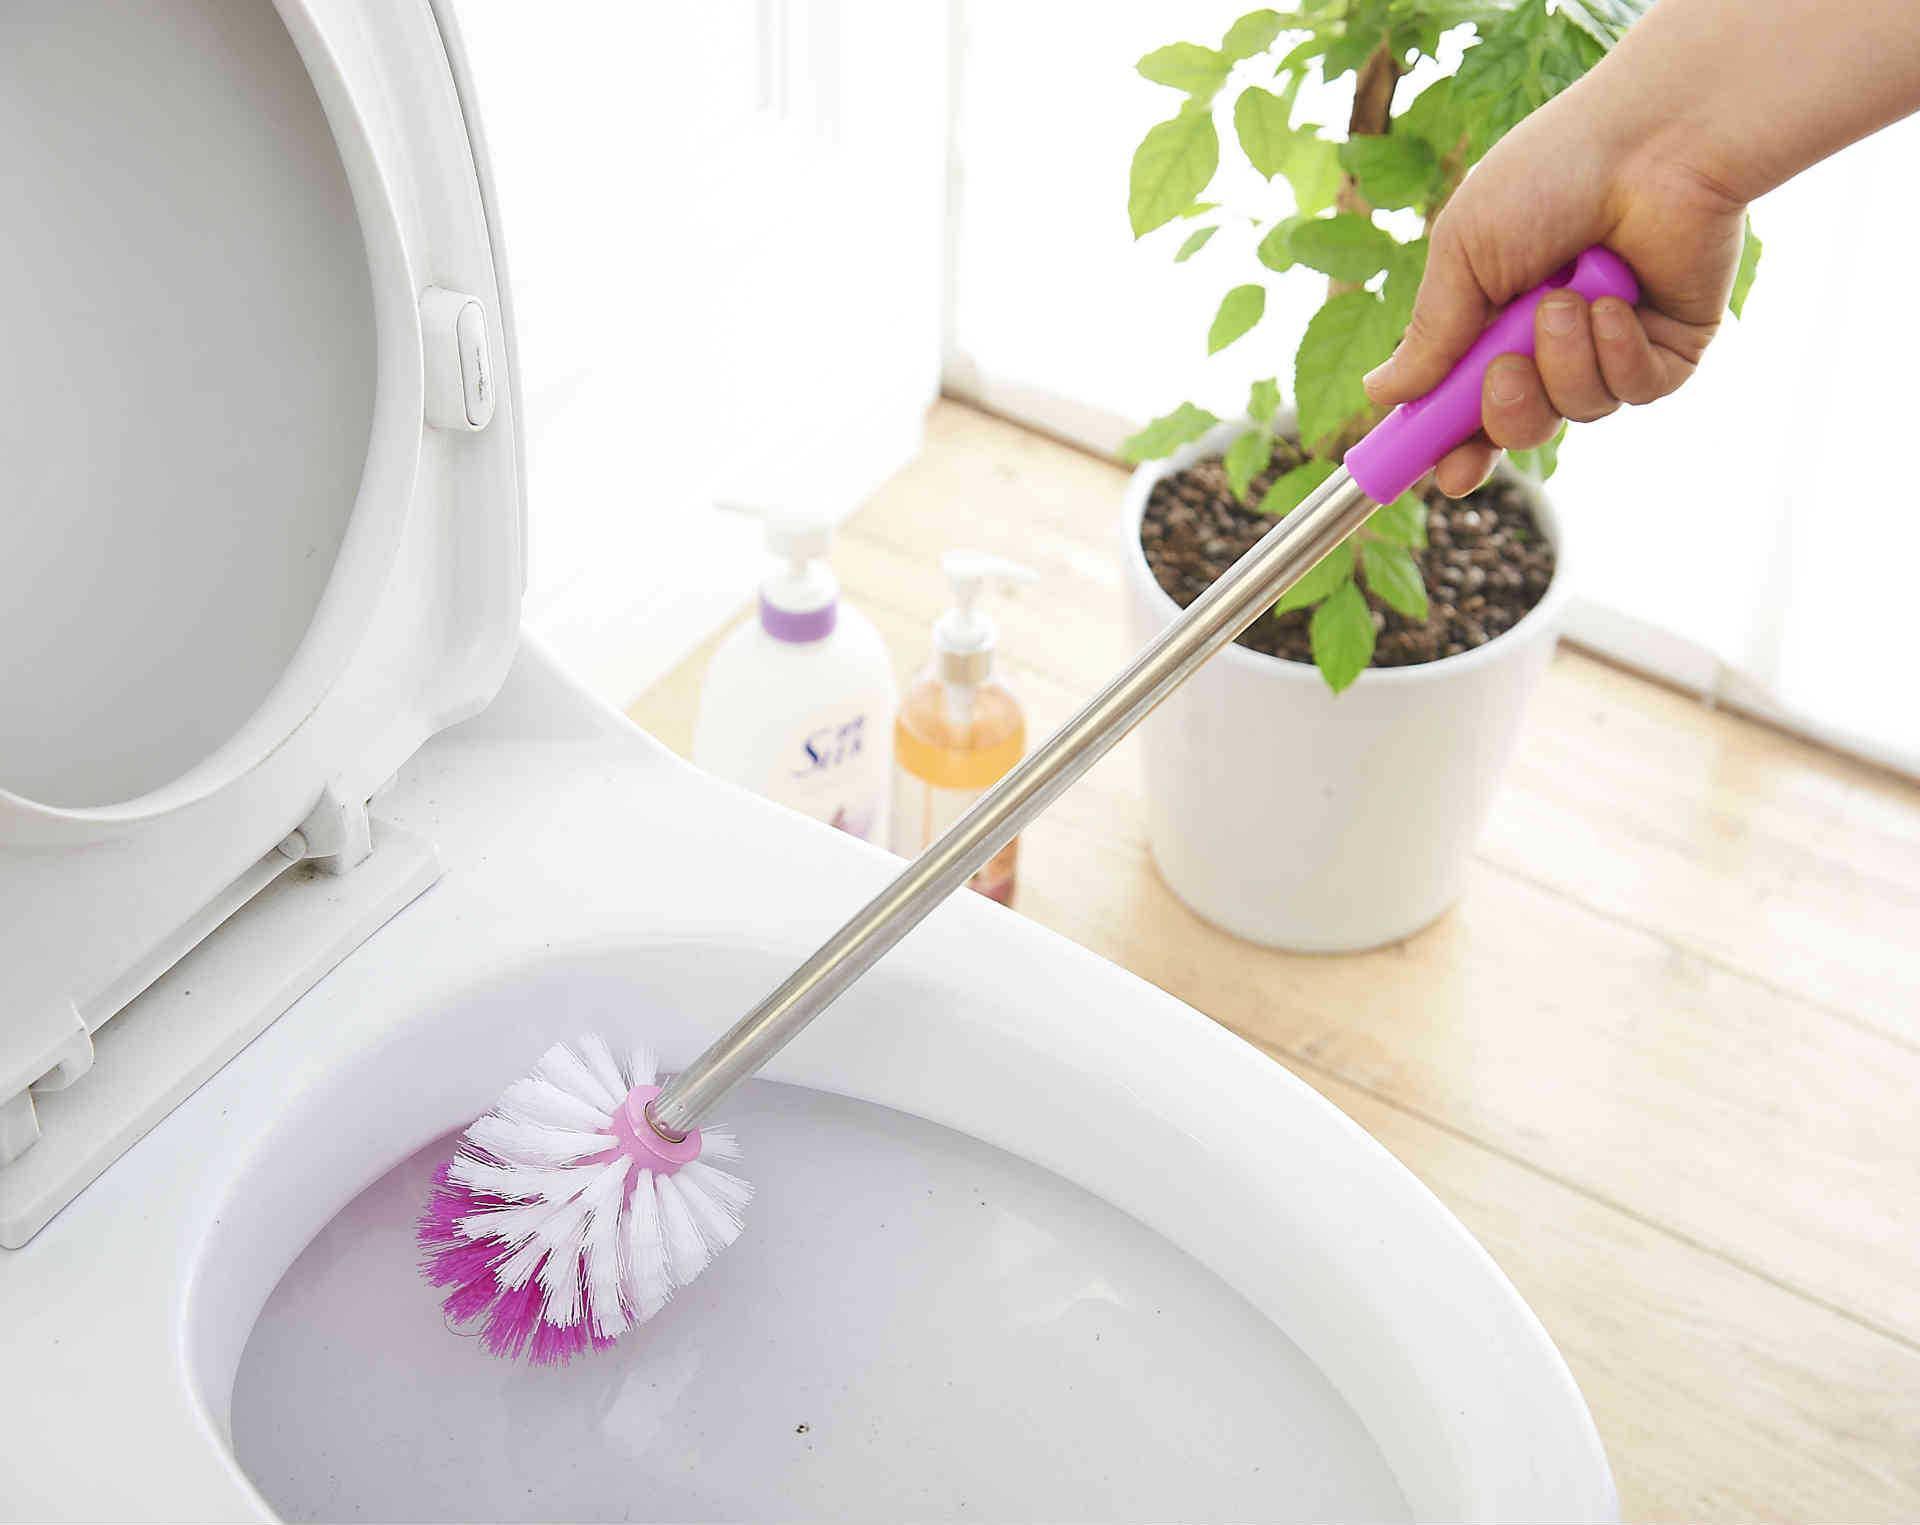 La vendita diretta della fabbrica dell'acciaio inossidabile scopa la spazzola pulita della spazzola della toletta la garanzia della qualità